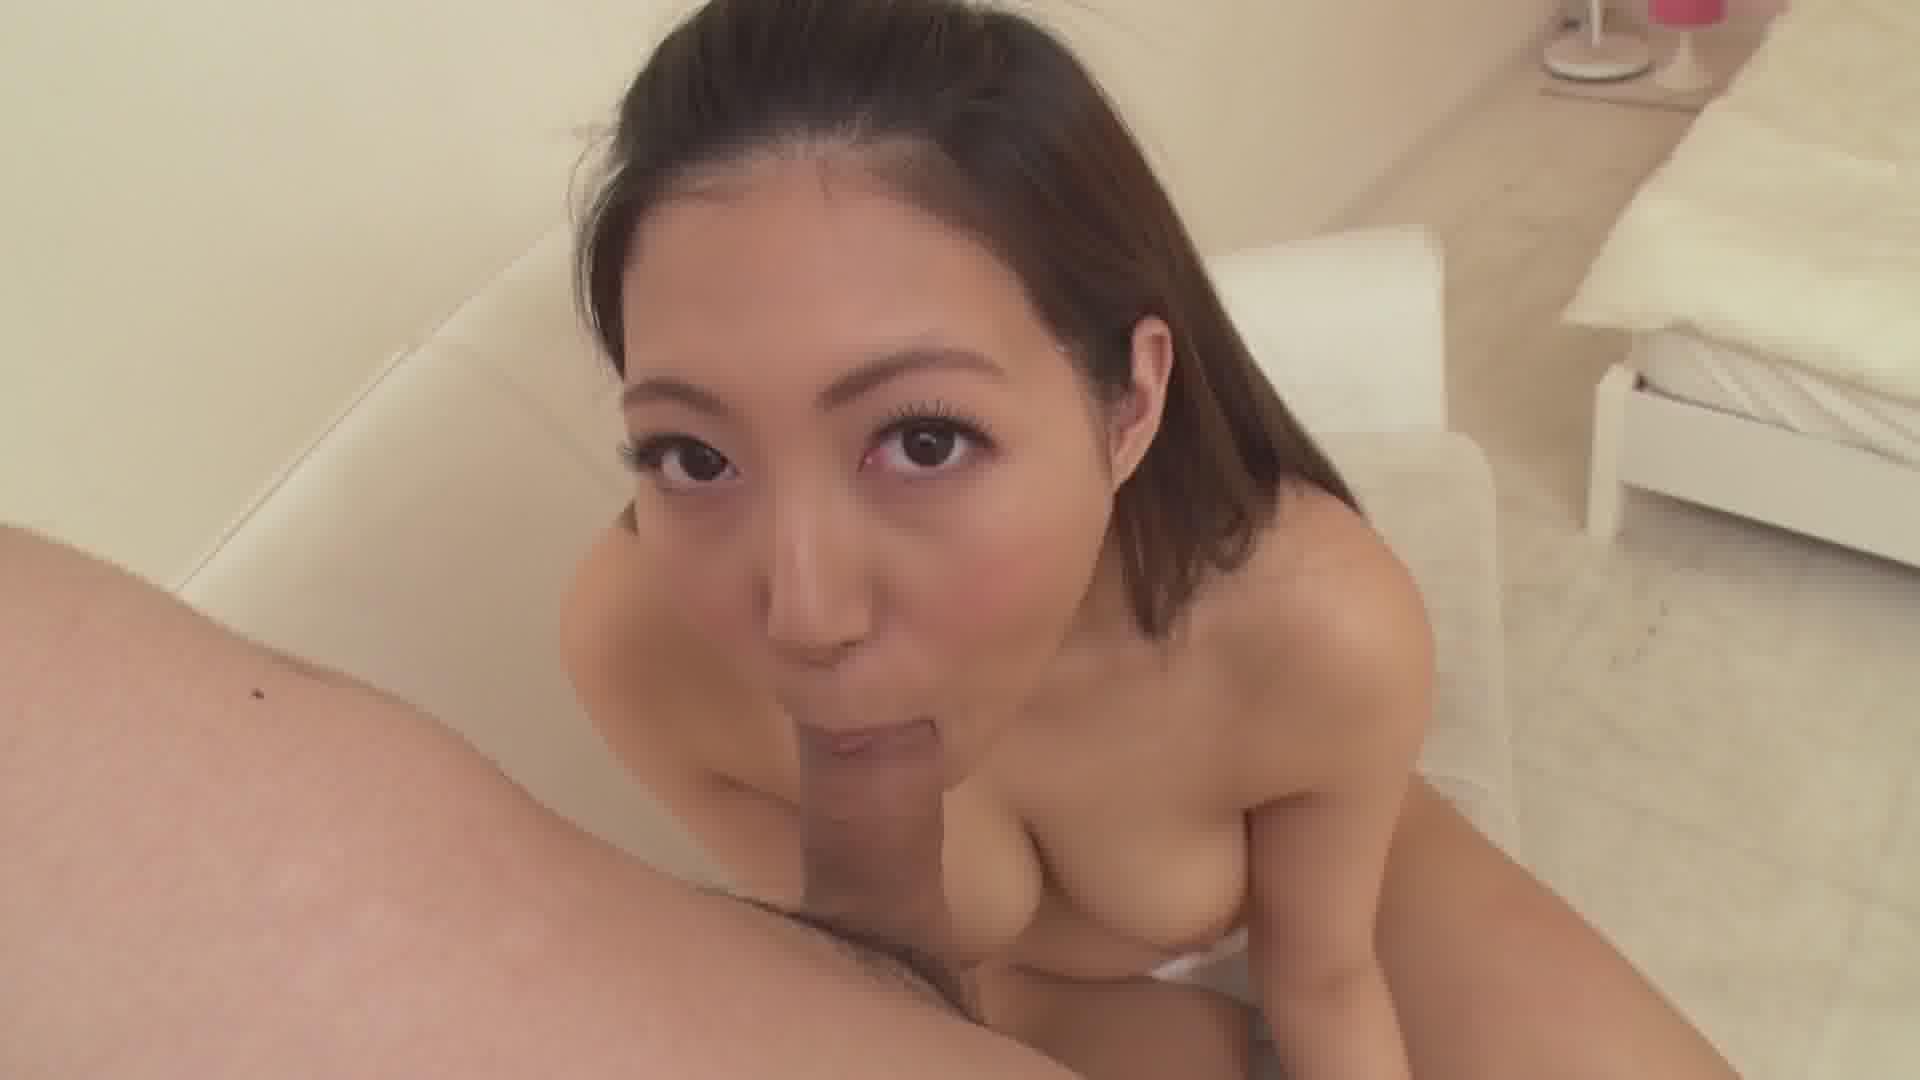 BOGAxBOGA ~佐倉ねねがが僕のプレイを褒め称えてくれる~ - 佐倉ねね【巨乳・パイズリ・中出し】